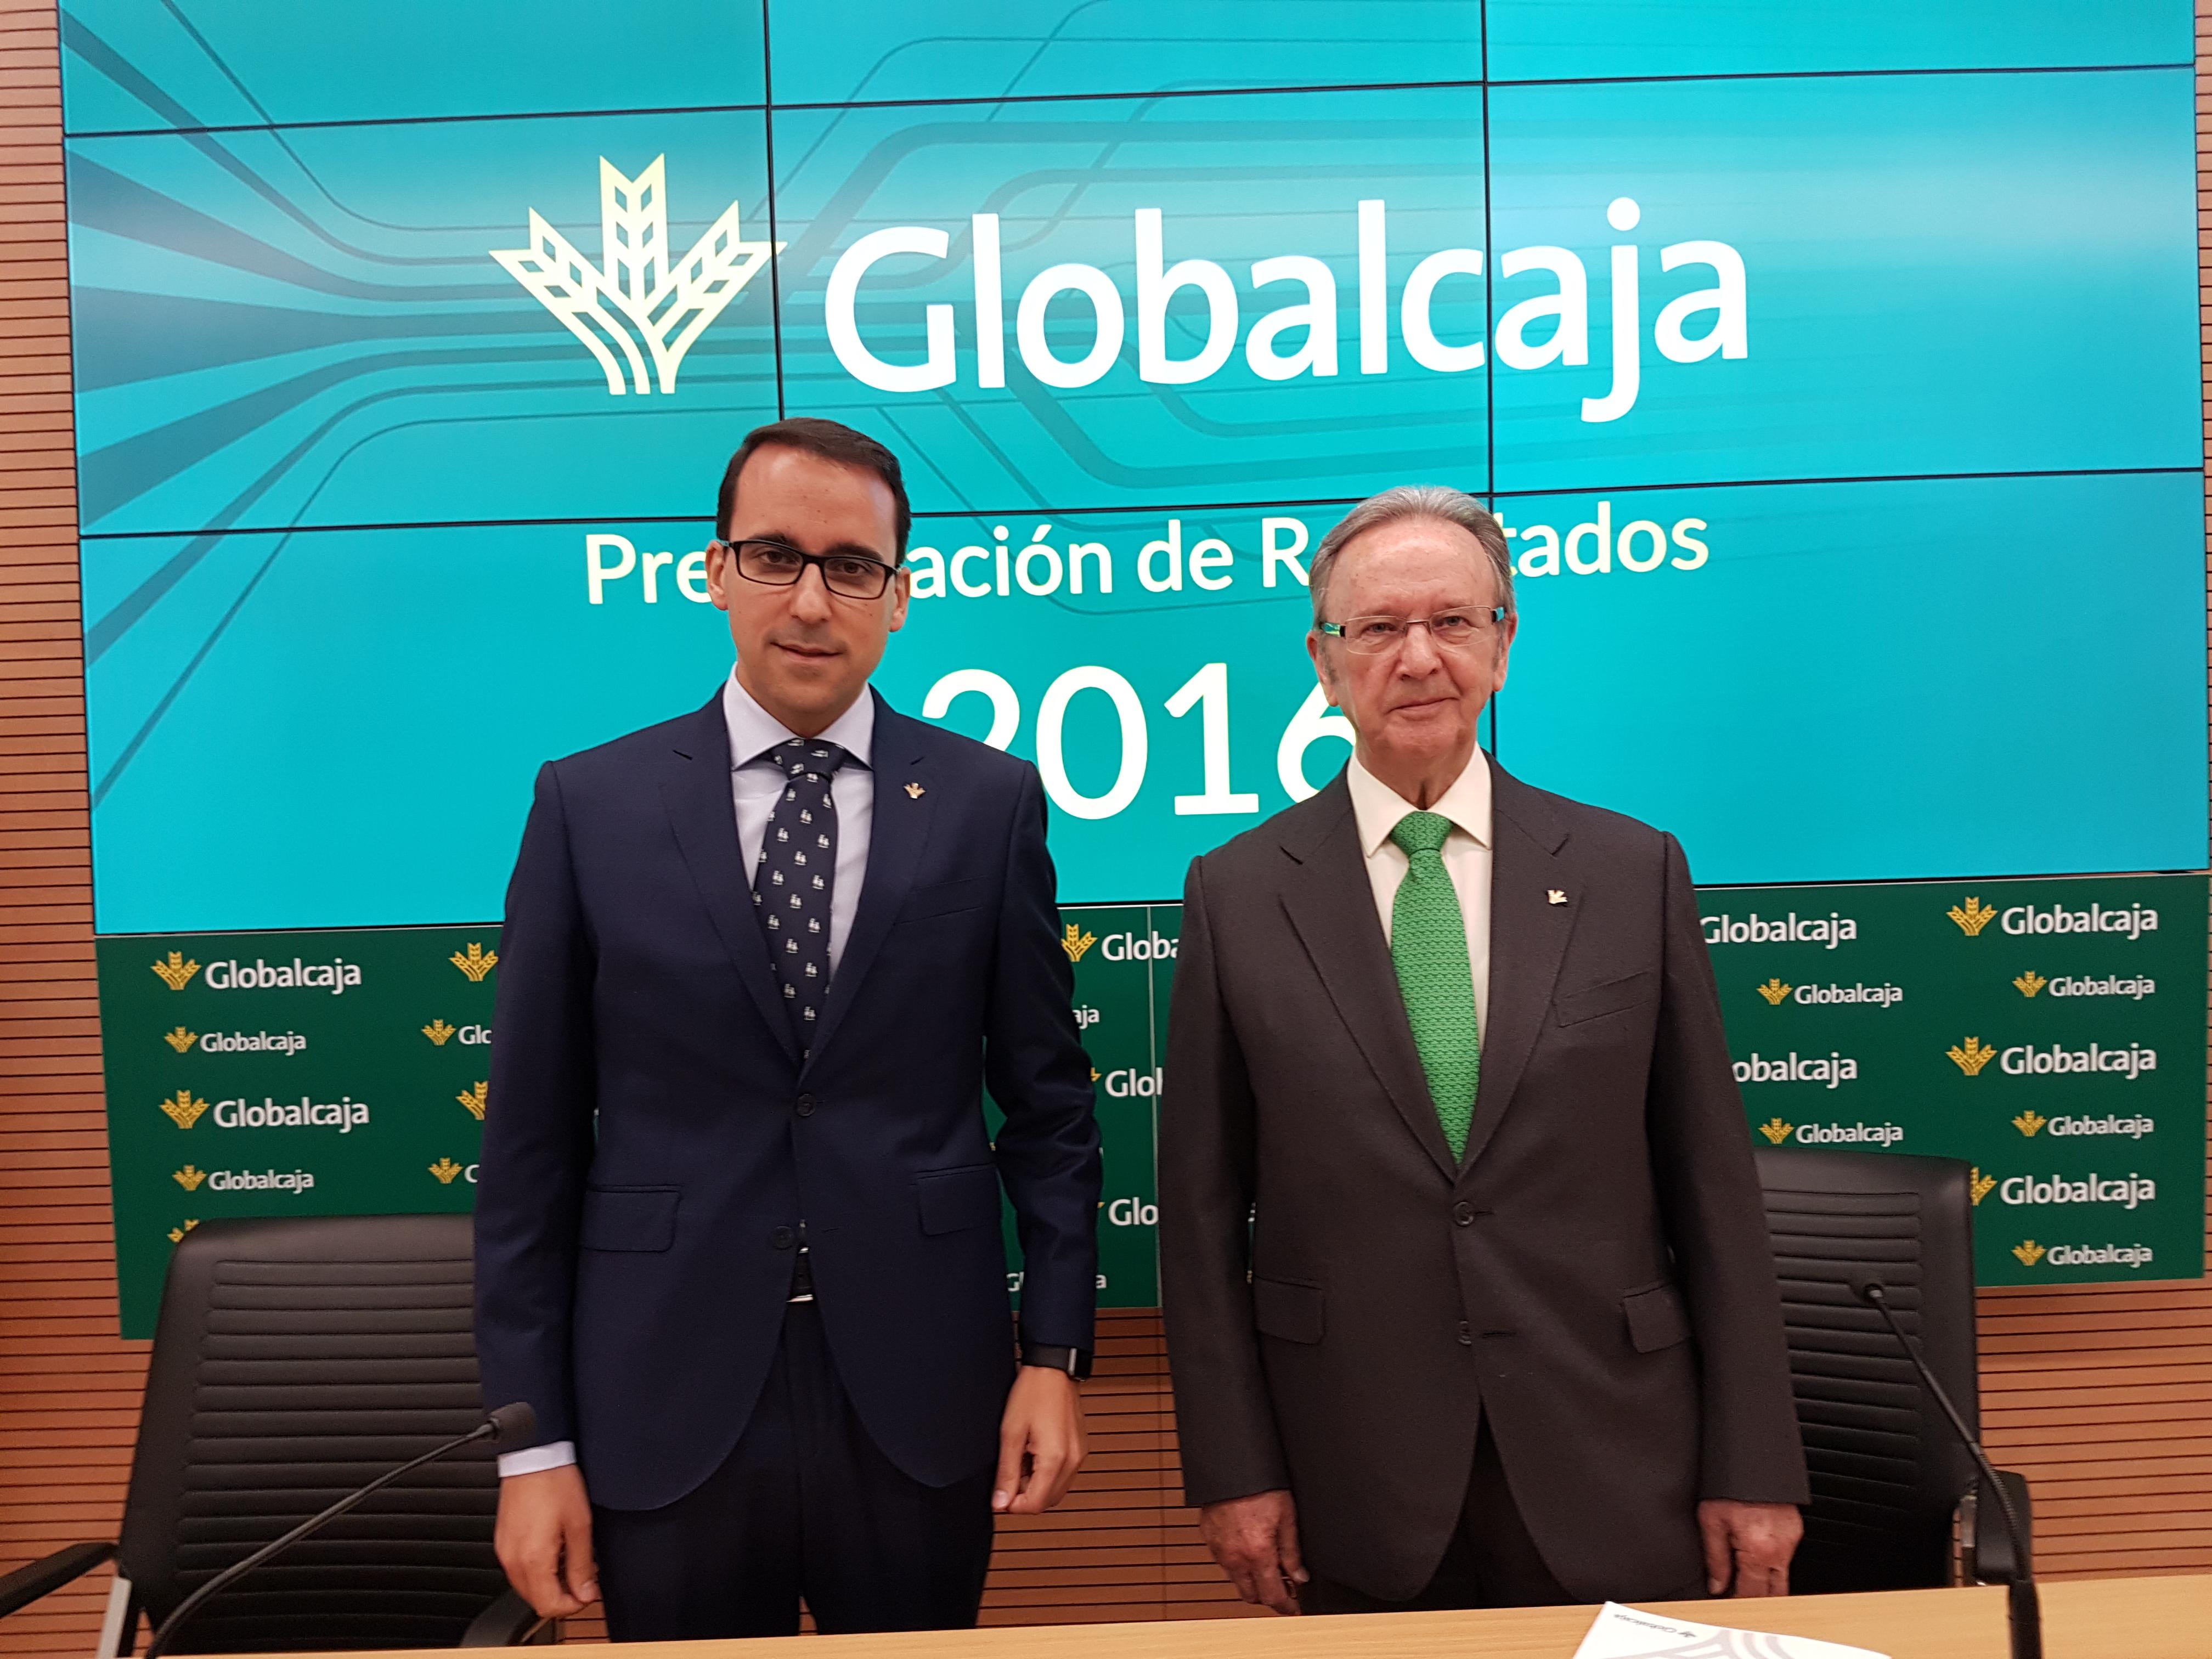 A la izquierda, Pedro Palacios, director general de Globalcaja; a la derecha, Carlos de la Sierra, presidente de Globalcaja